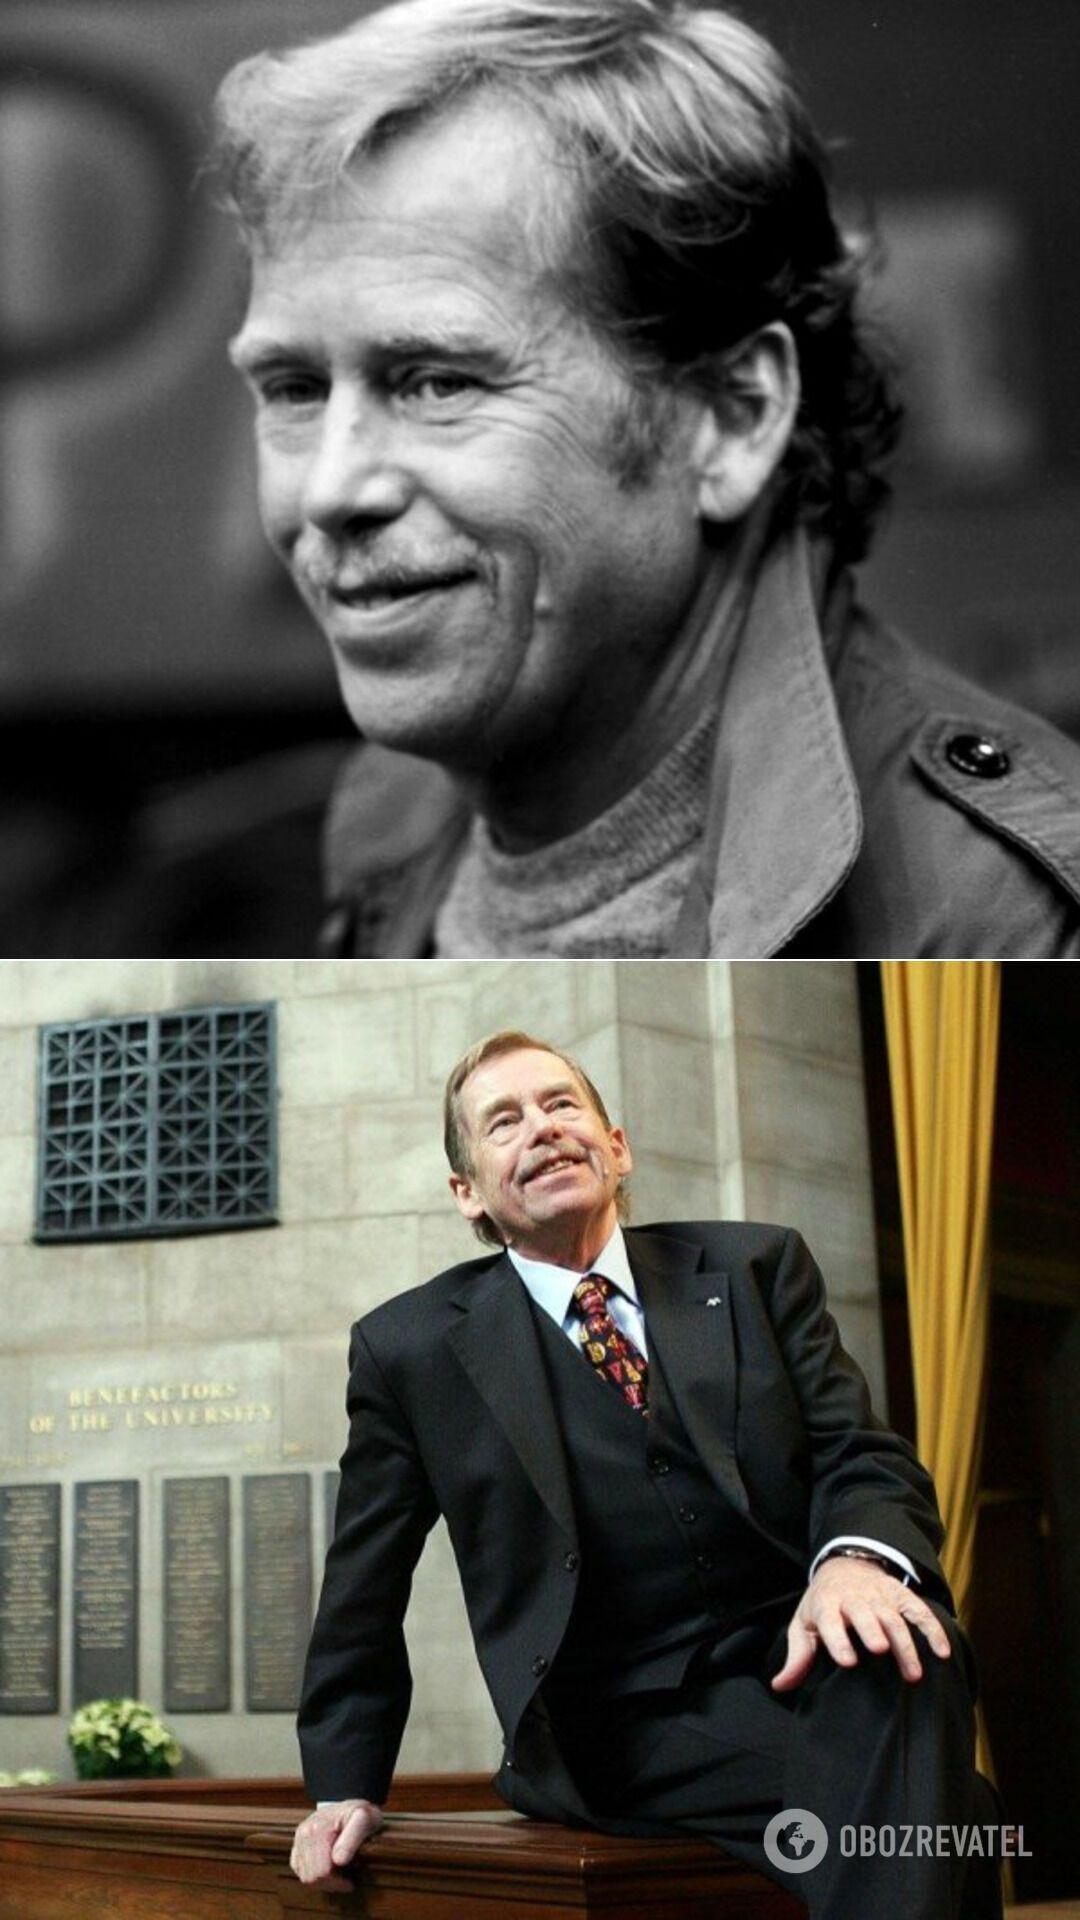 Писатель Вацлав Гавел был десятым и последним президентом Чехословакии, а также первым президентом Чехии (1993-2003 гг.)